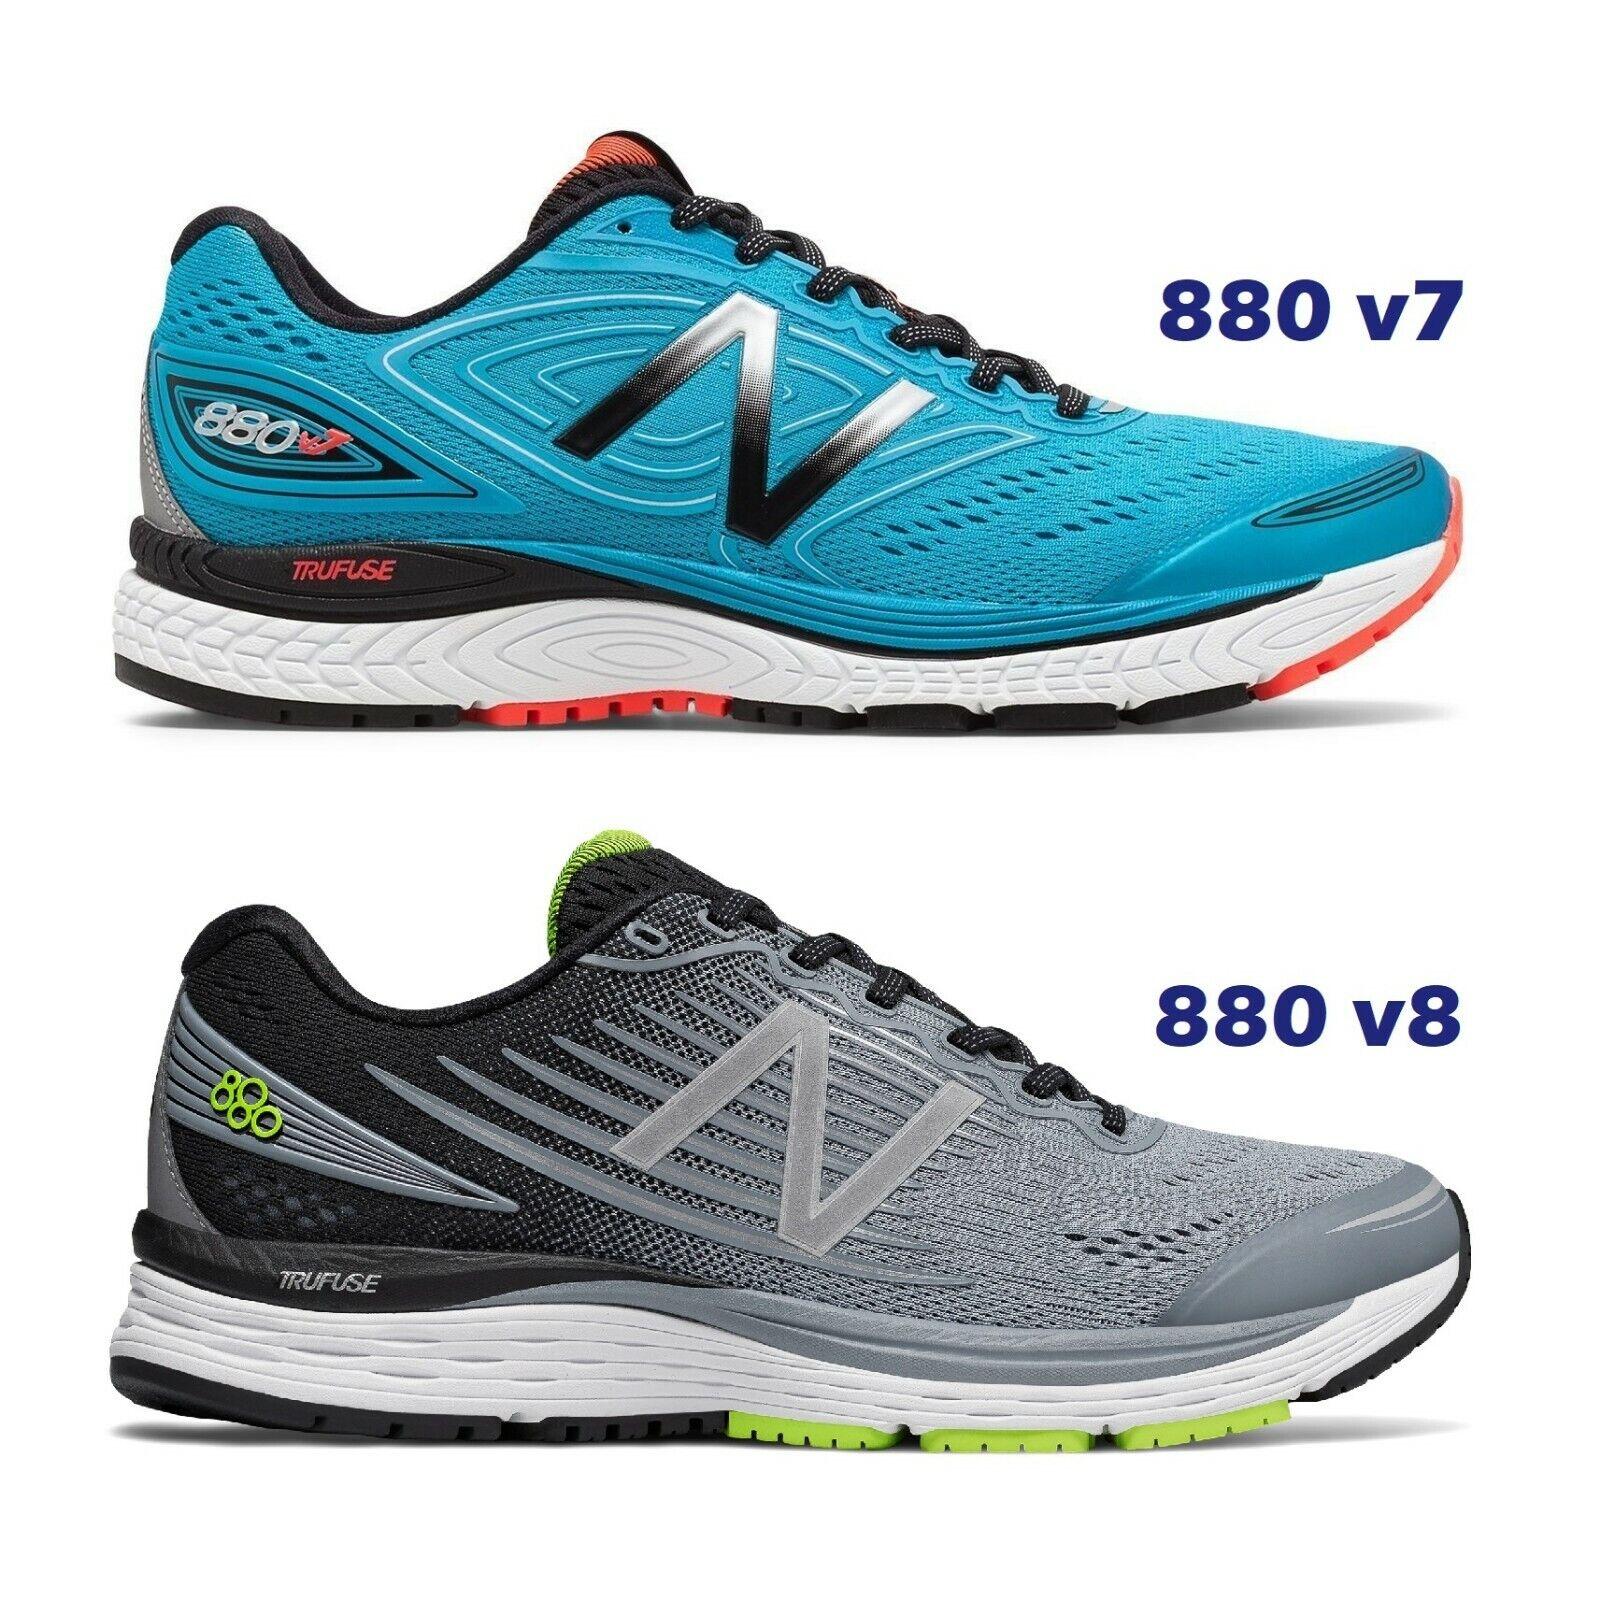 nouveau   NB 880 v7 and v8 FonctionneHommest chaussures Pour des hommes Triathlon FonctionneHommest Gym m880